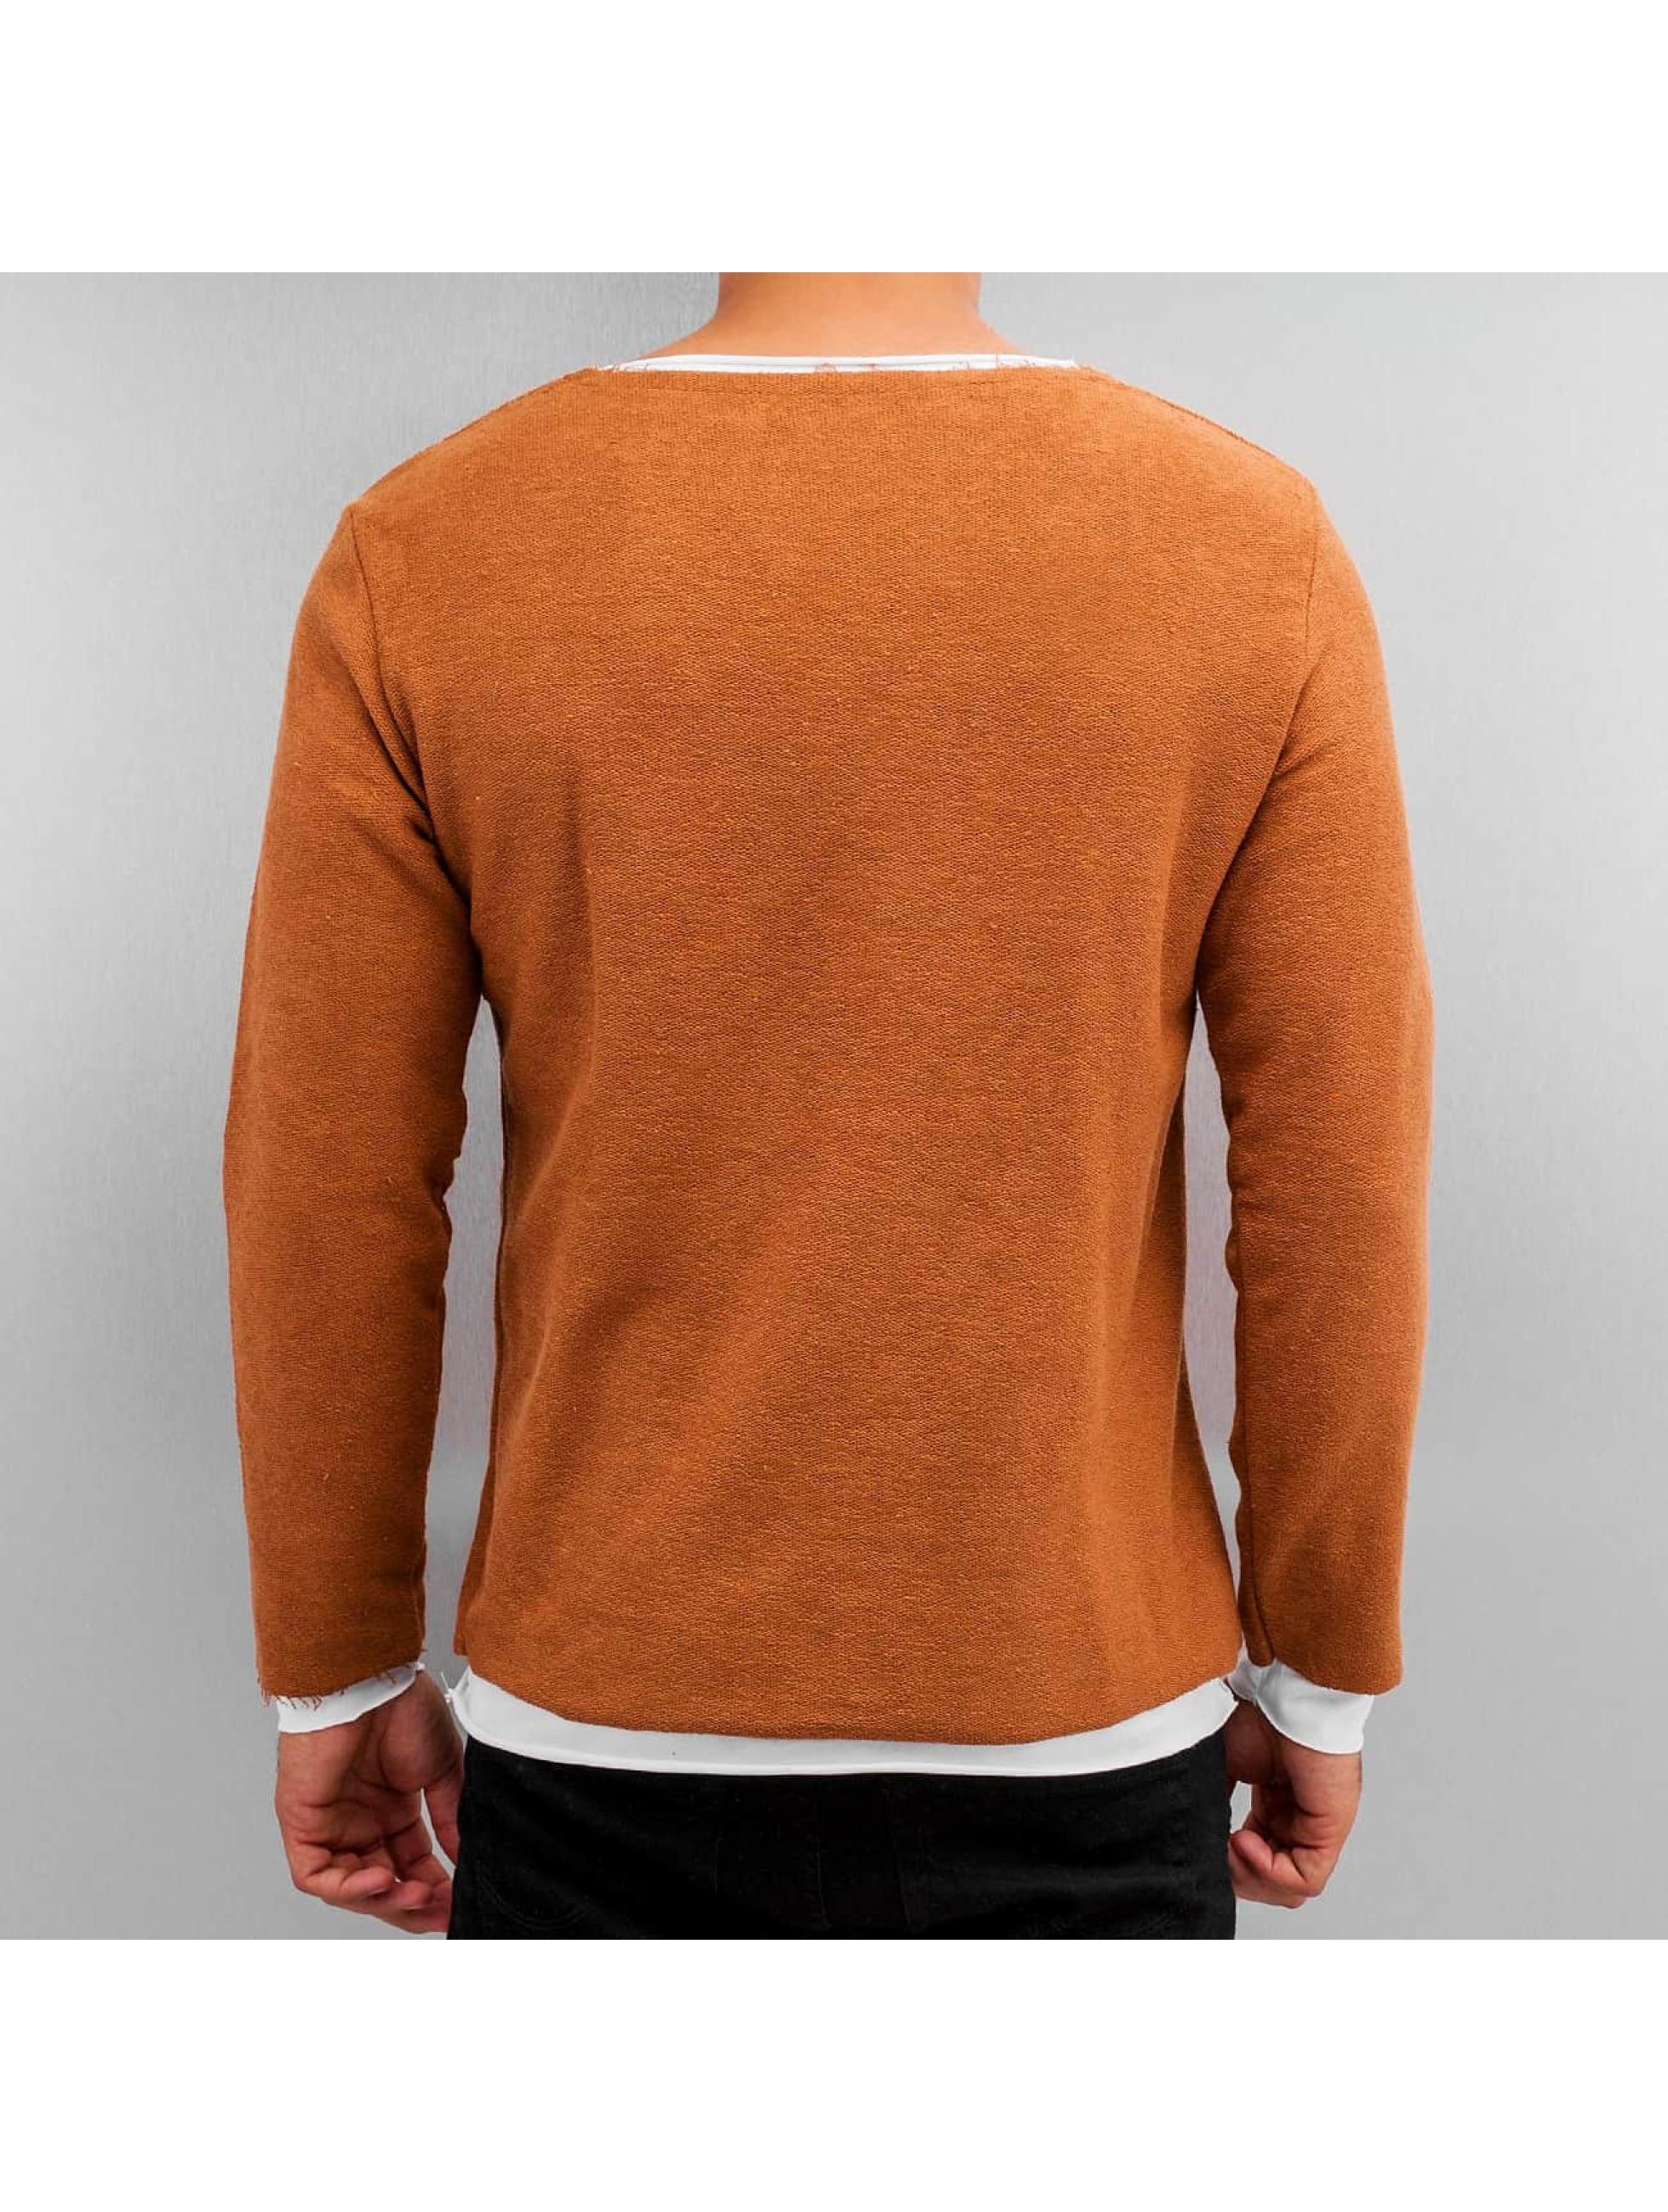 2Y Longsleeve Pett oranje